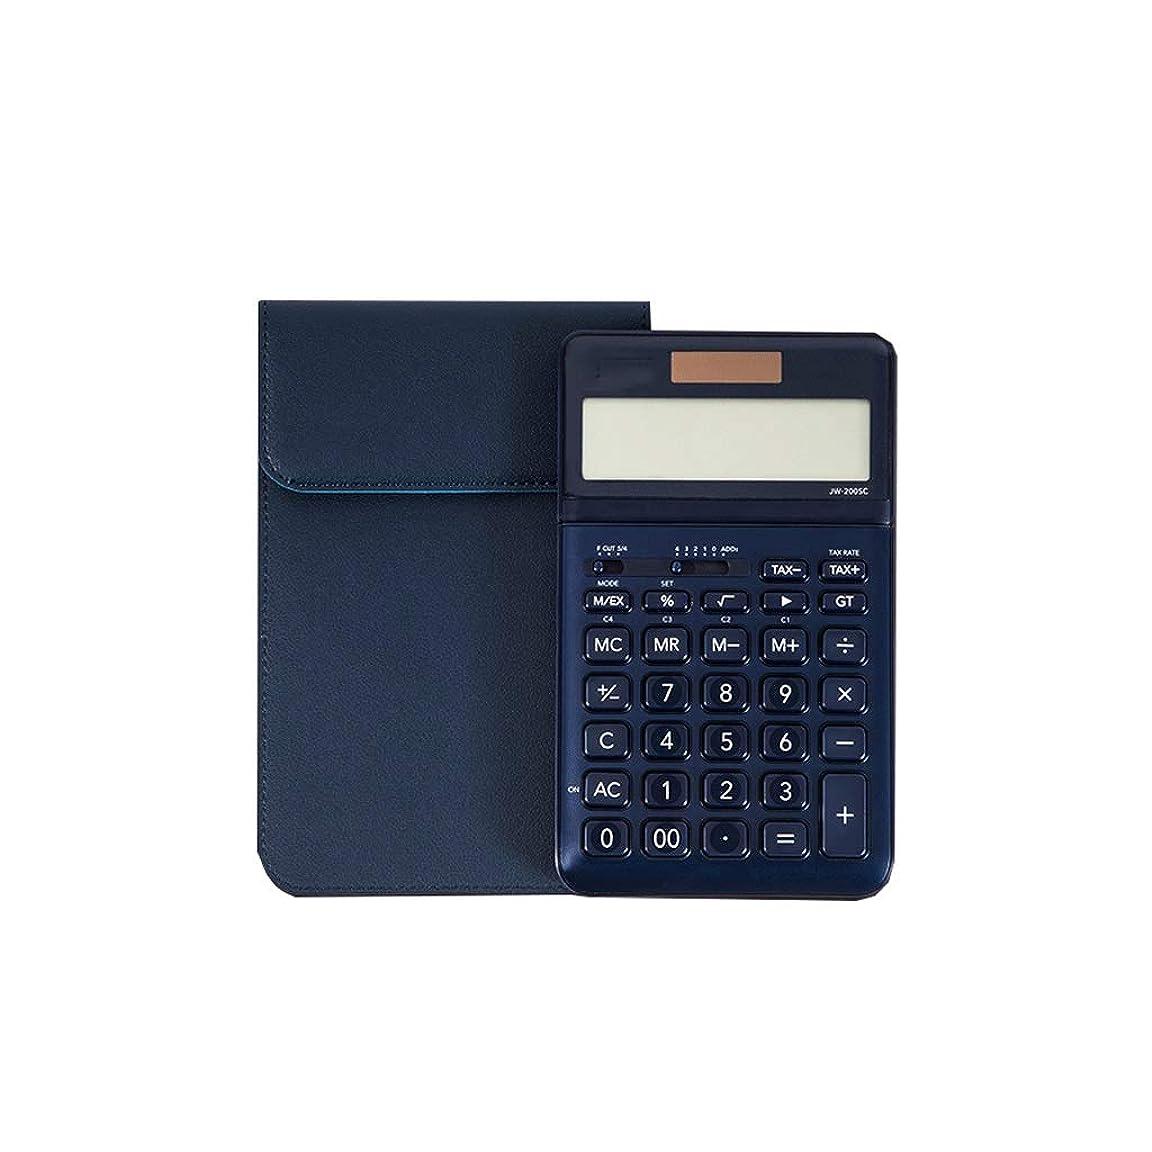 滑るじゃがいも疑い者事務所 12ビットHDディスプレイ超薄型デュアルパワーソーラーボタン電池二重保険厚くて丈夫なビジネス電卓 算数 (Color : Blue)